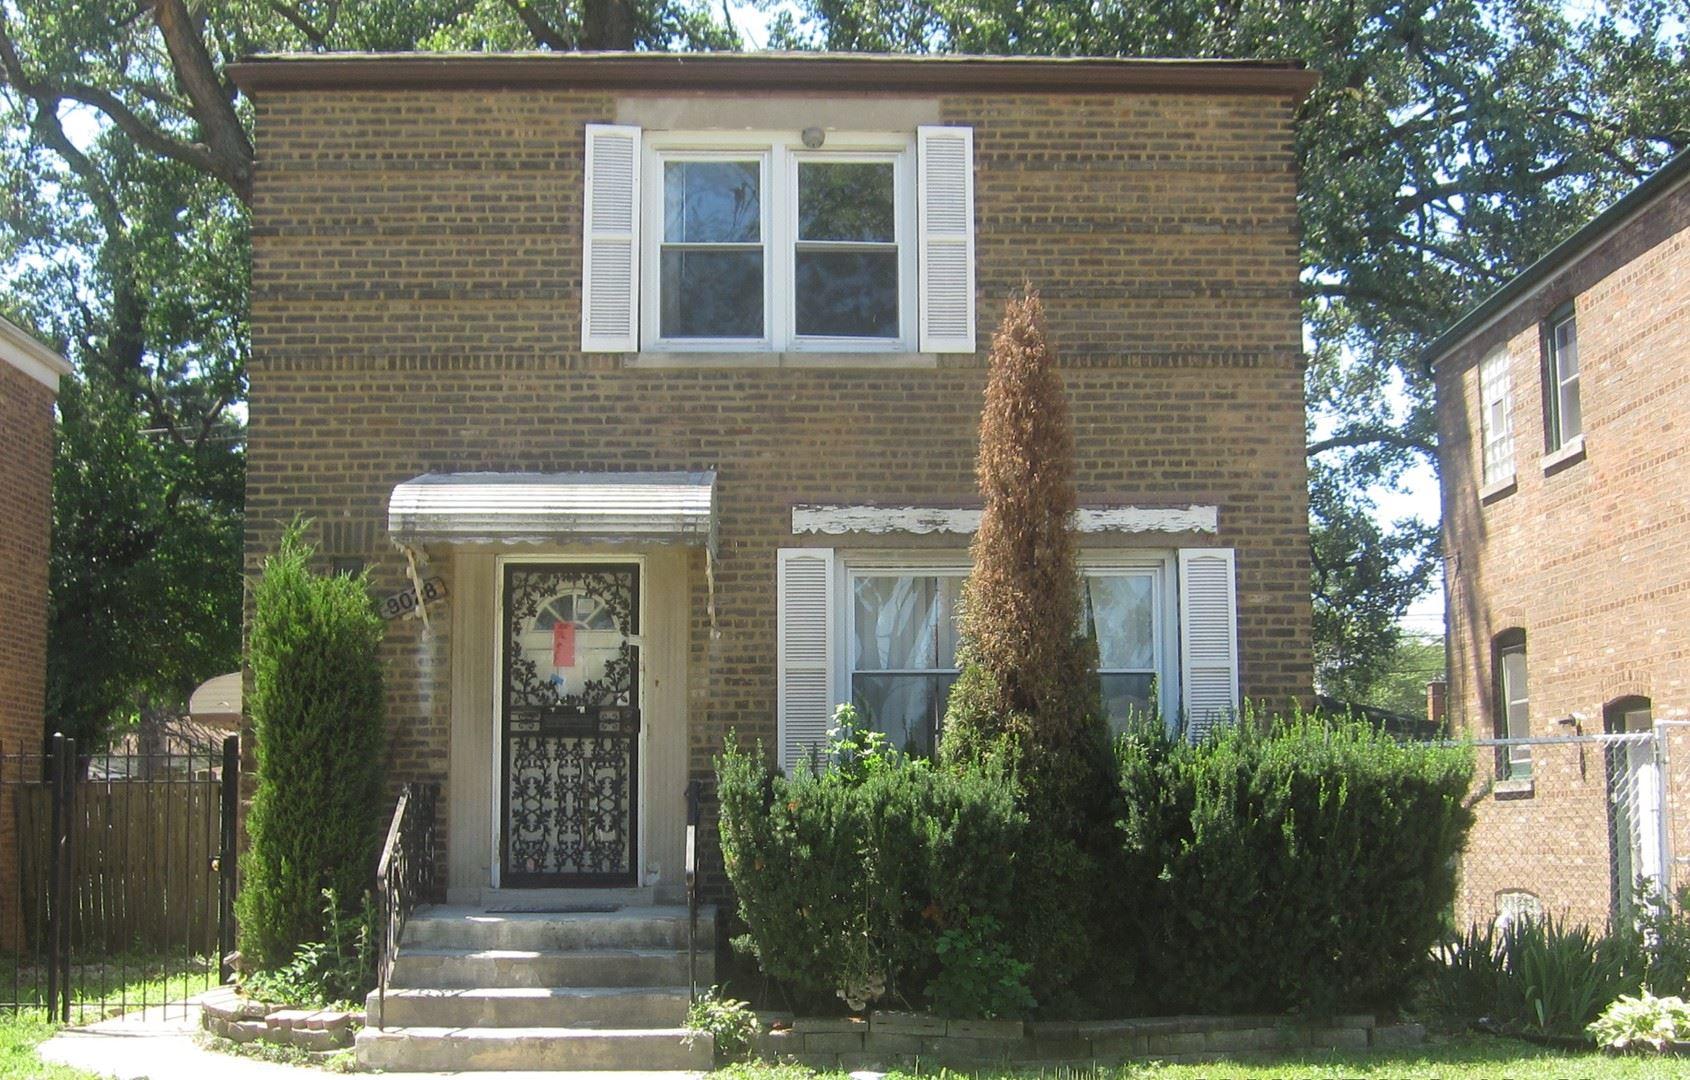 9028 S Blackstone Avenue, Chicago, IL 60619 - #: 10795285